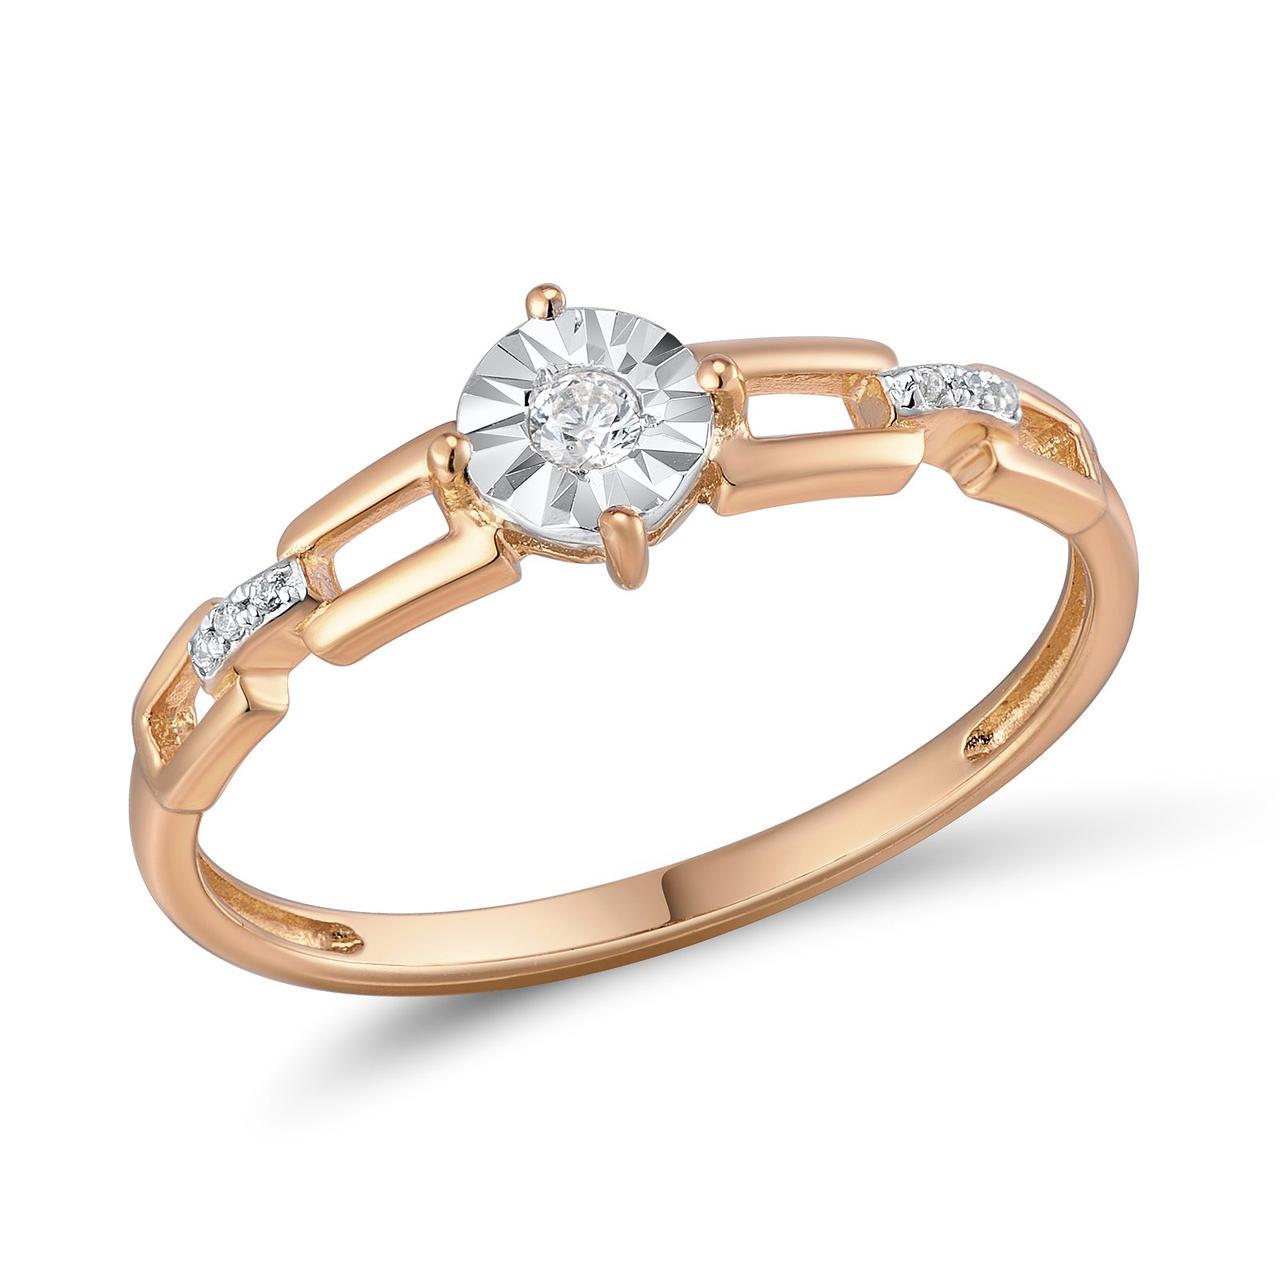 Золотое кольцо с бриллиантами, размер 18 (562842)